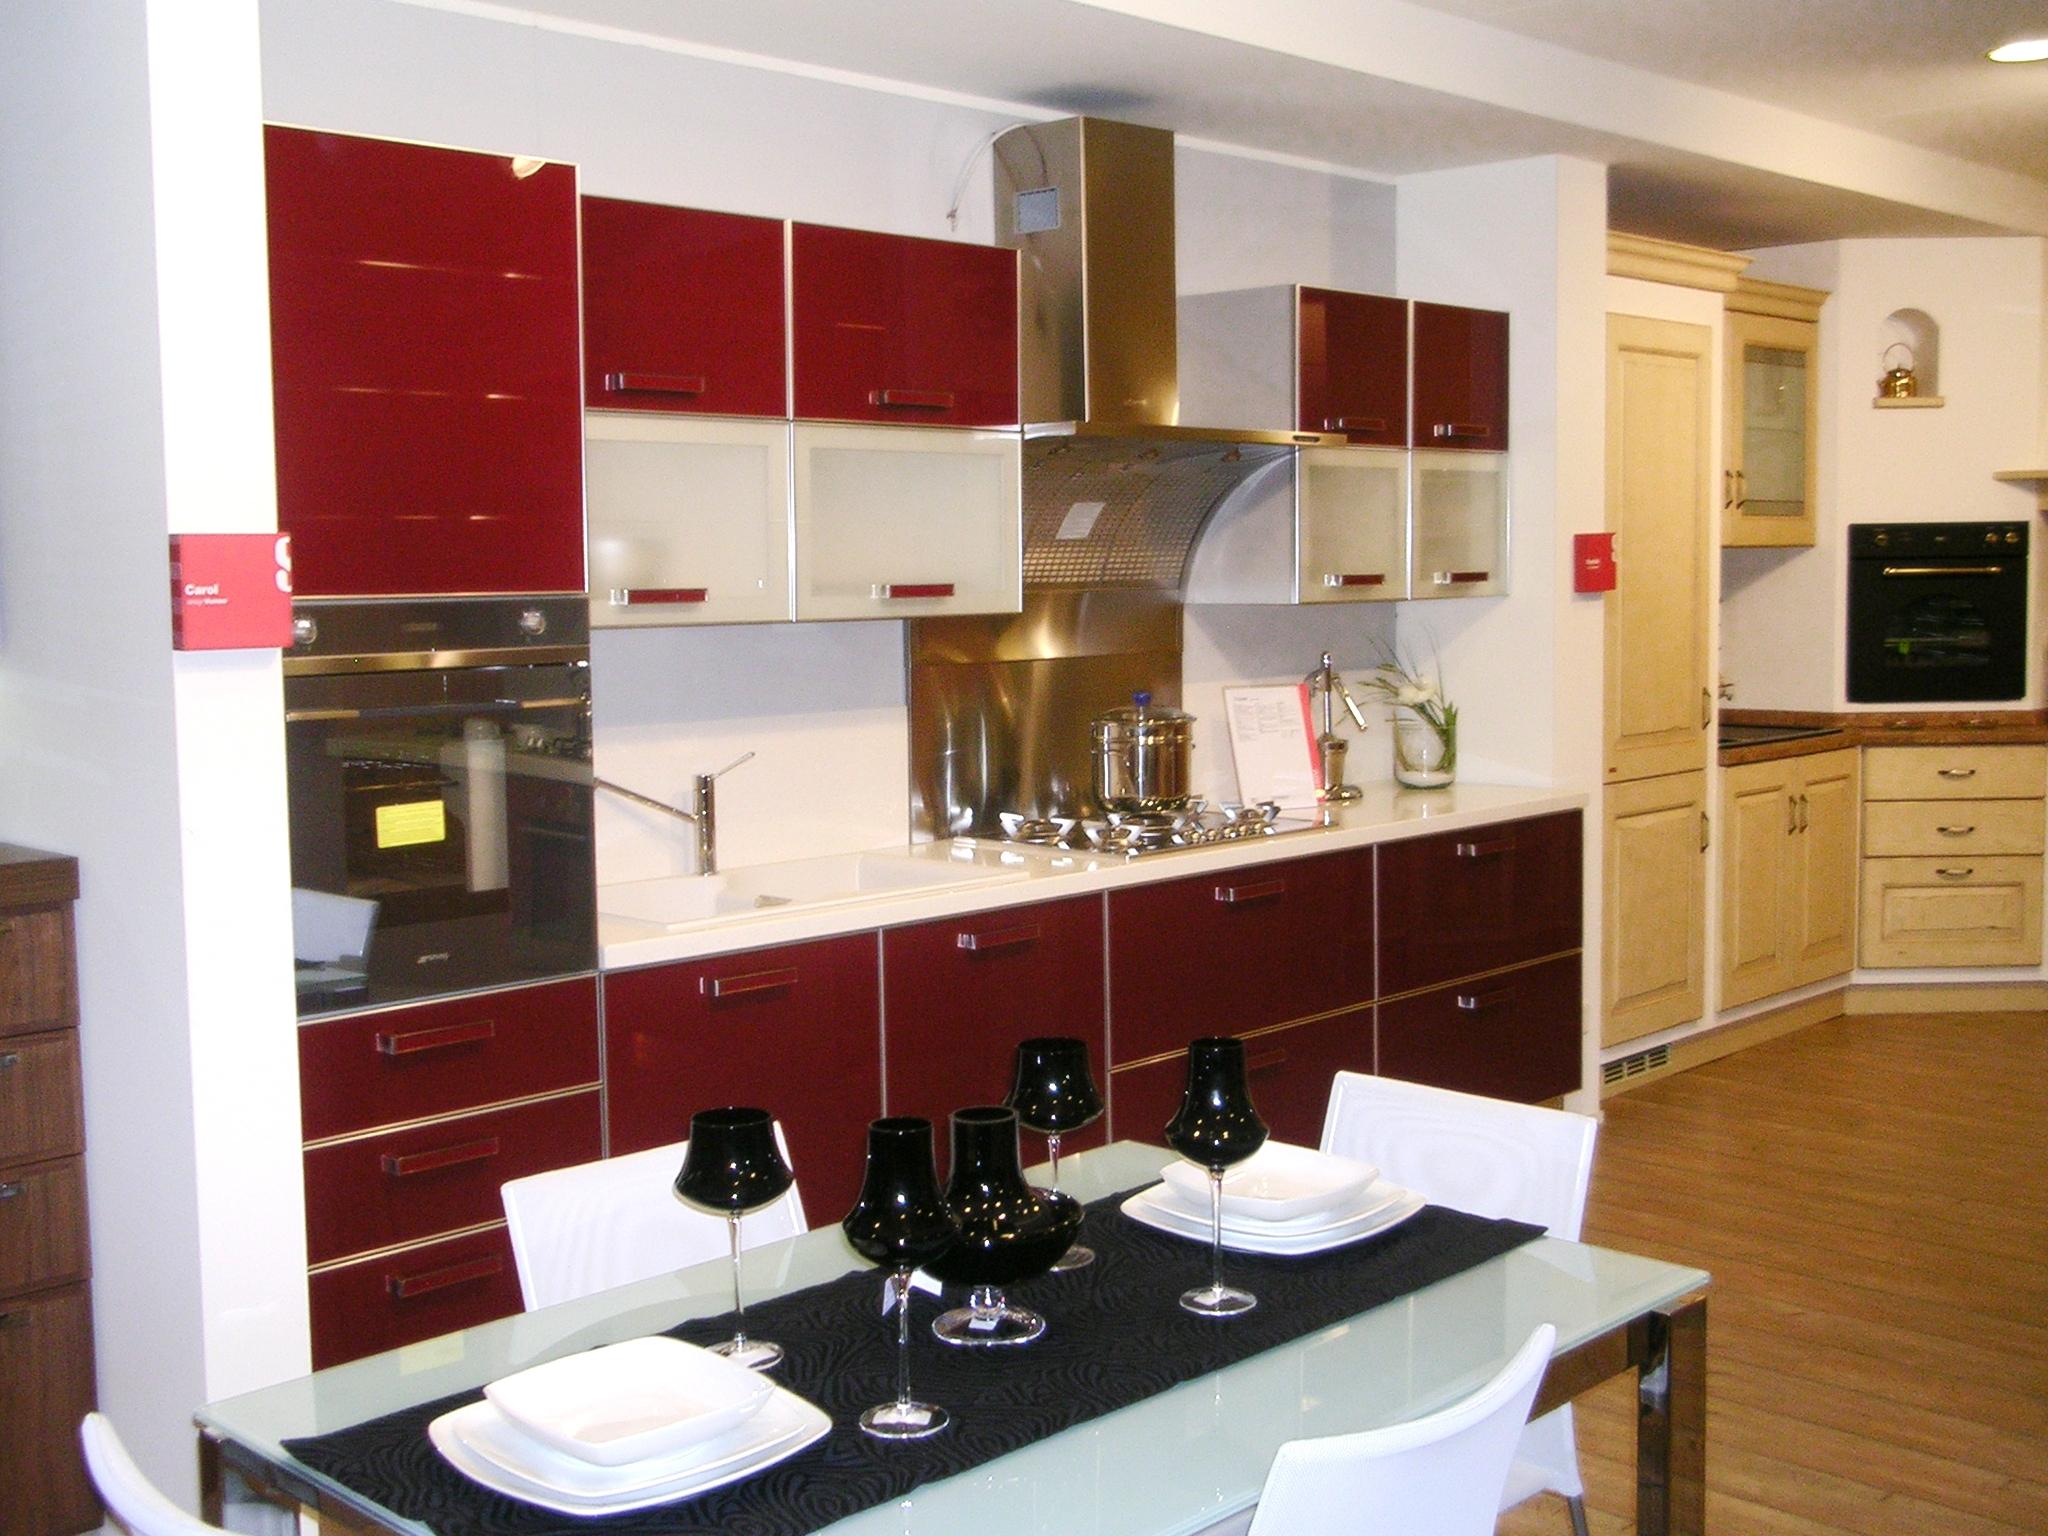 Scavolini crystal vetro rossa 14520 cucine a prezzi scontati - Cucine scavolini country ...